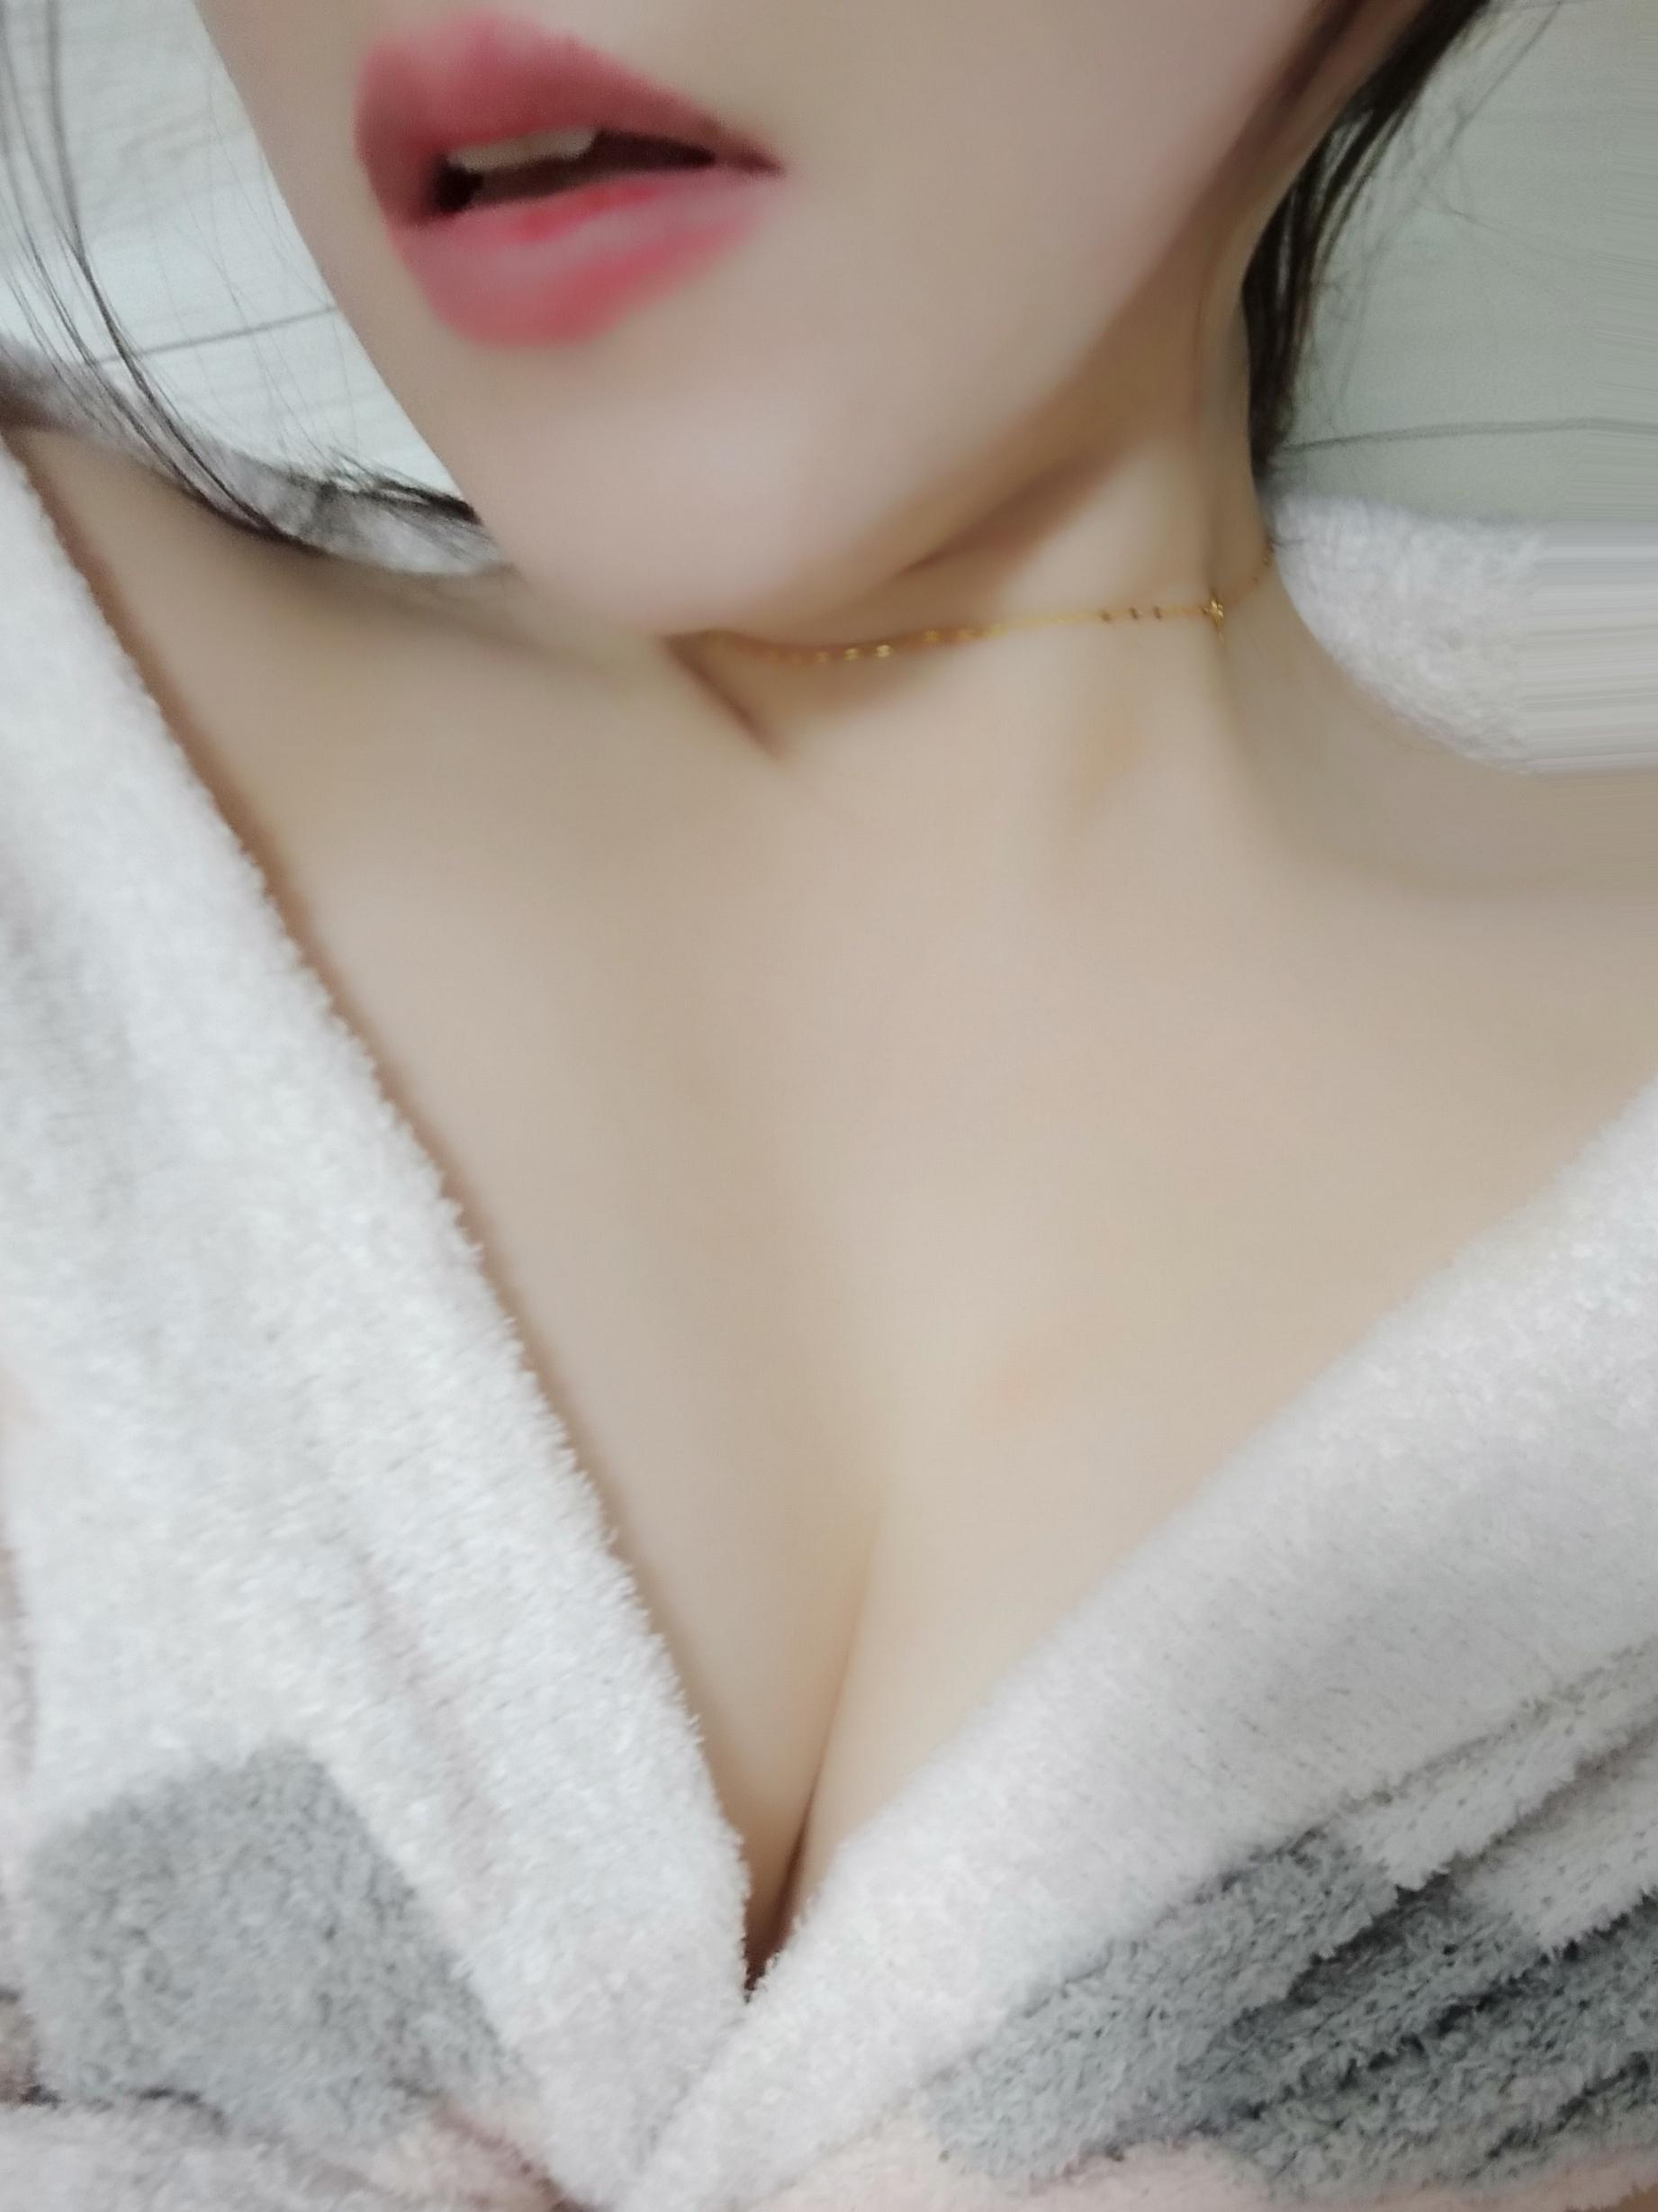 「あけおめです(^^)」01/08(金) 13:21 | 桐谷まこの写メ日記